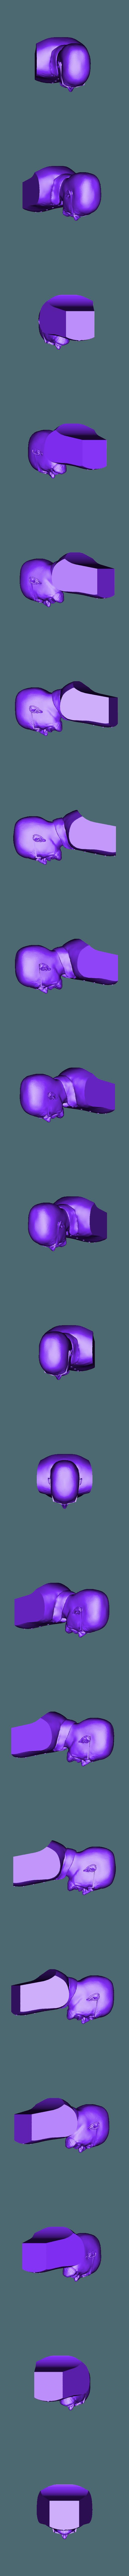 torso bryan.stl Télécharger fichier STL gratuit Breaking Bad • Plan imprimable en 3D, Aslan3d